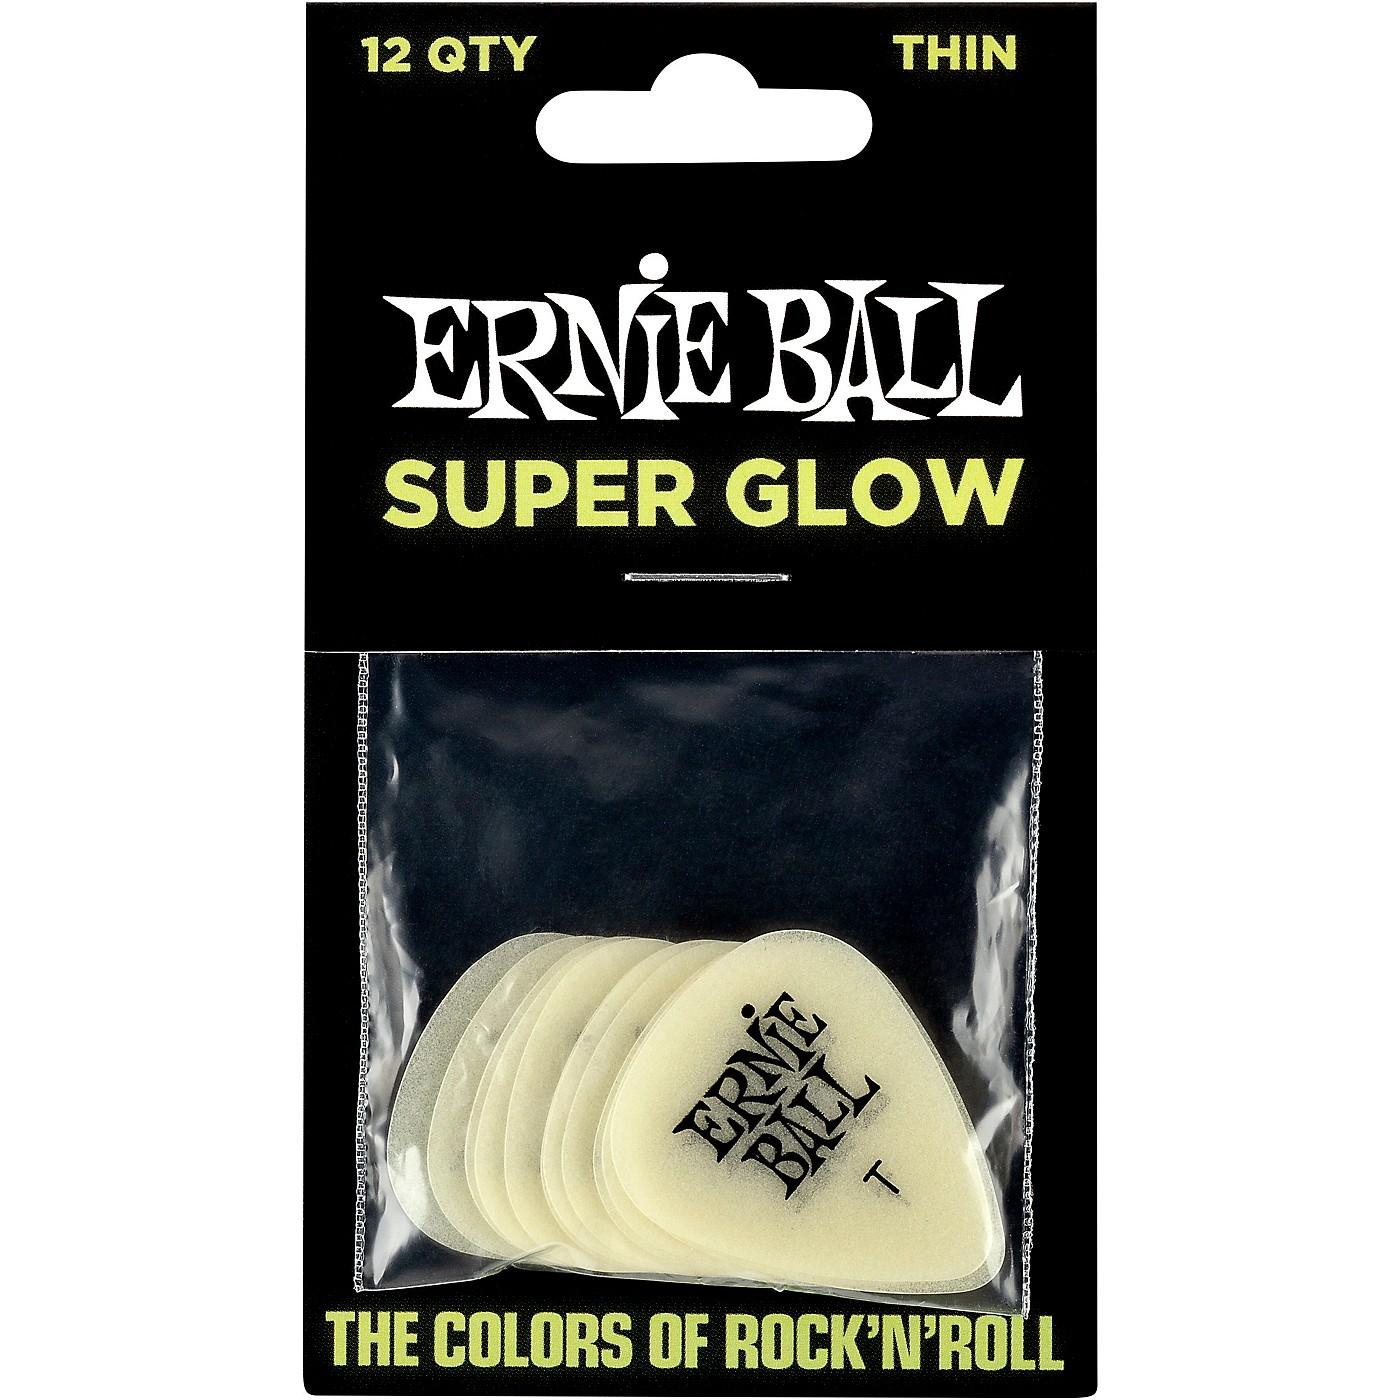 Ernie Ball Super Glow Guitar Picks thumbnail